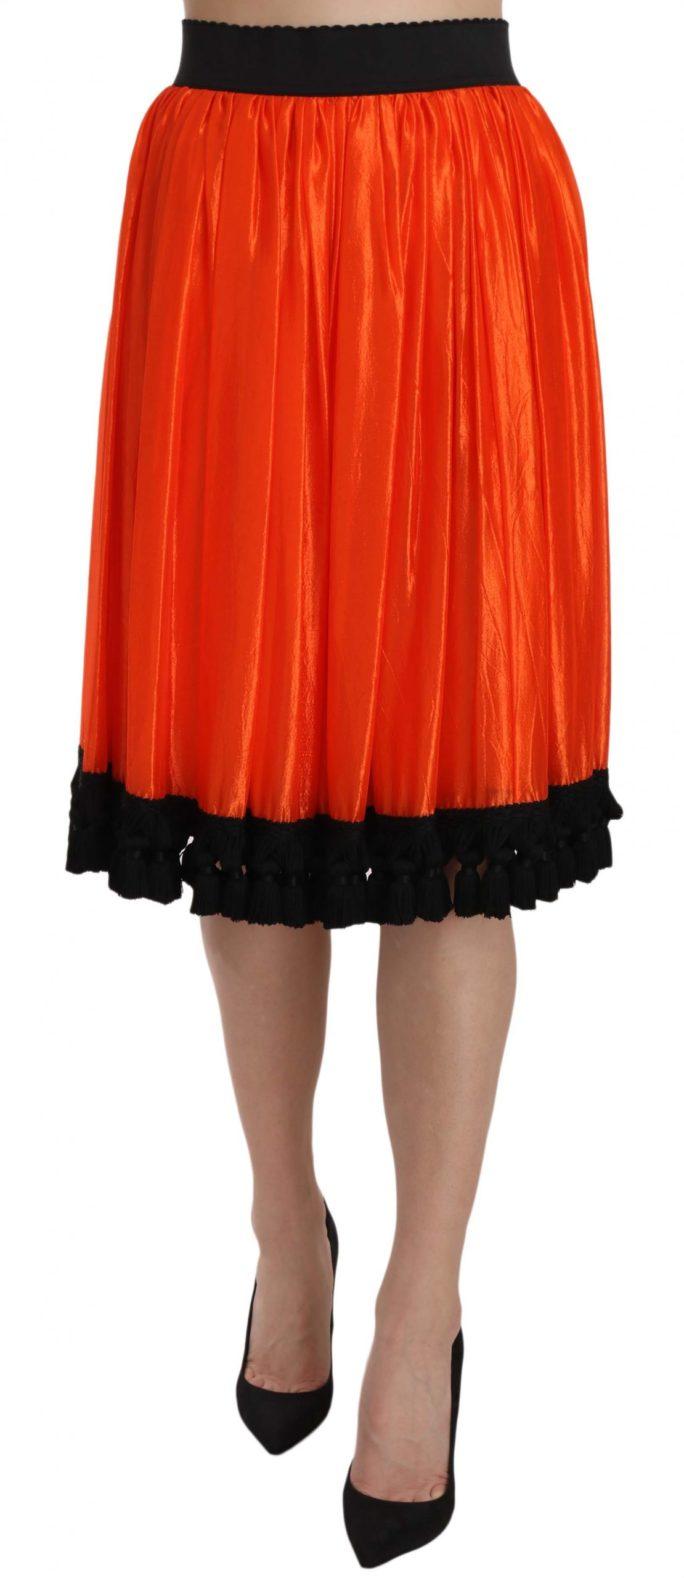 657694 Orange High Waist Knee Length Skirt.jpg